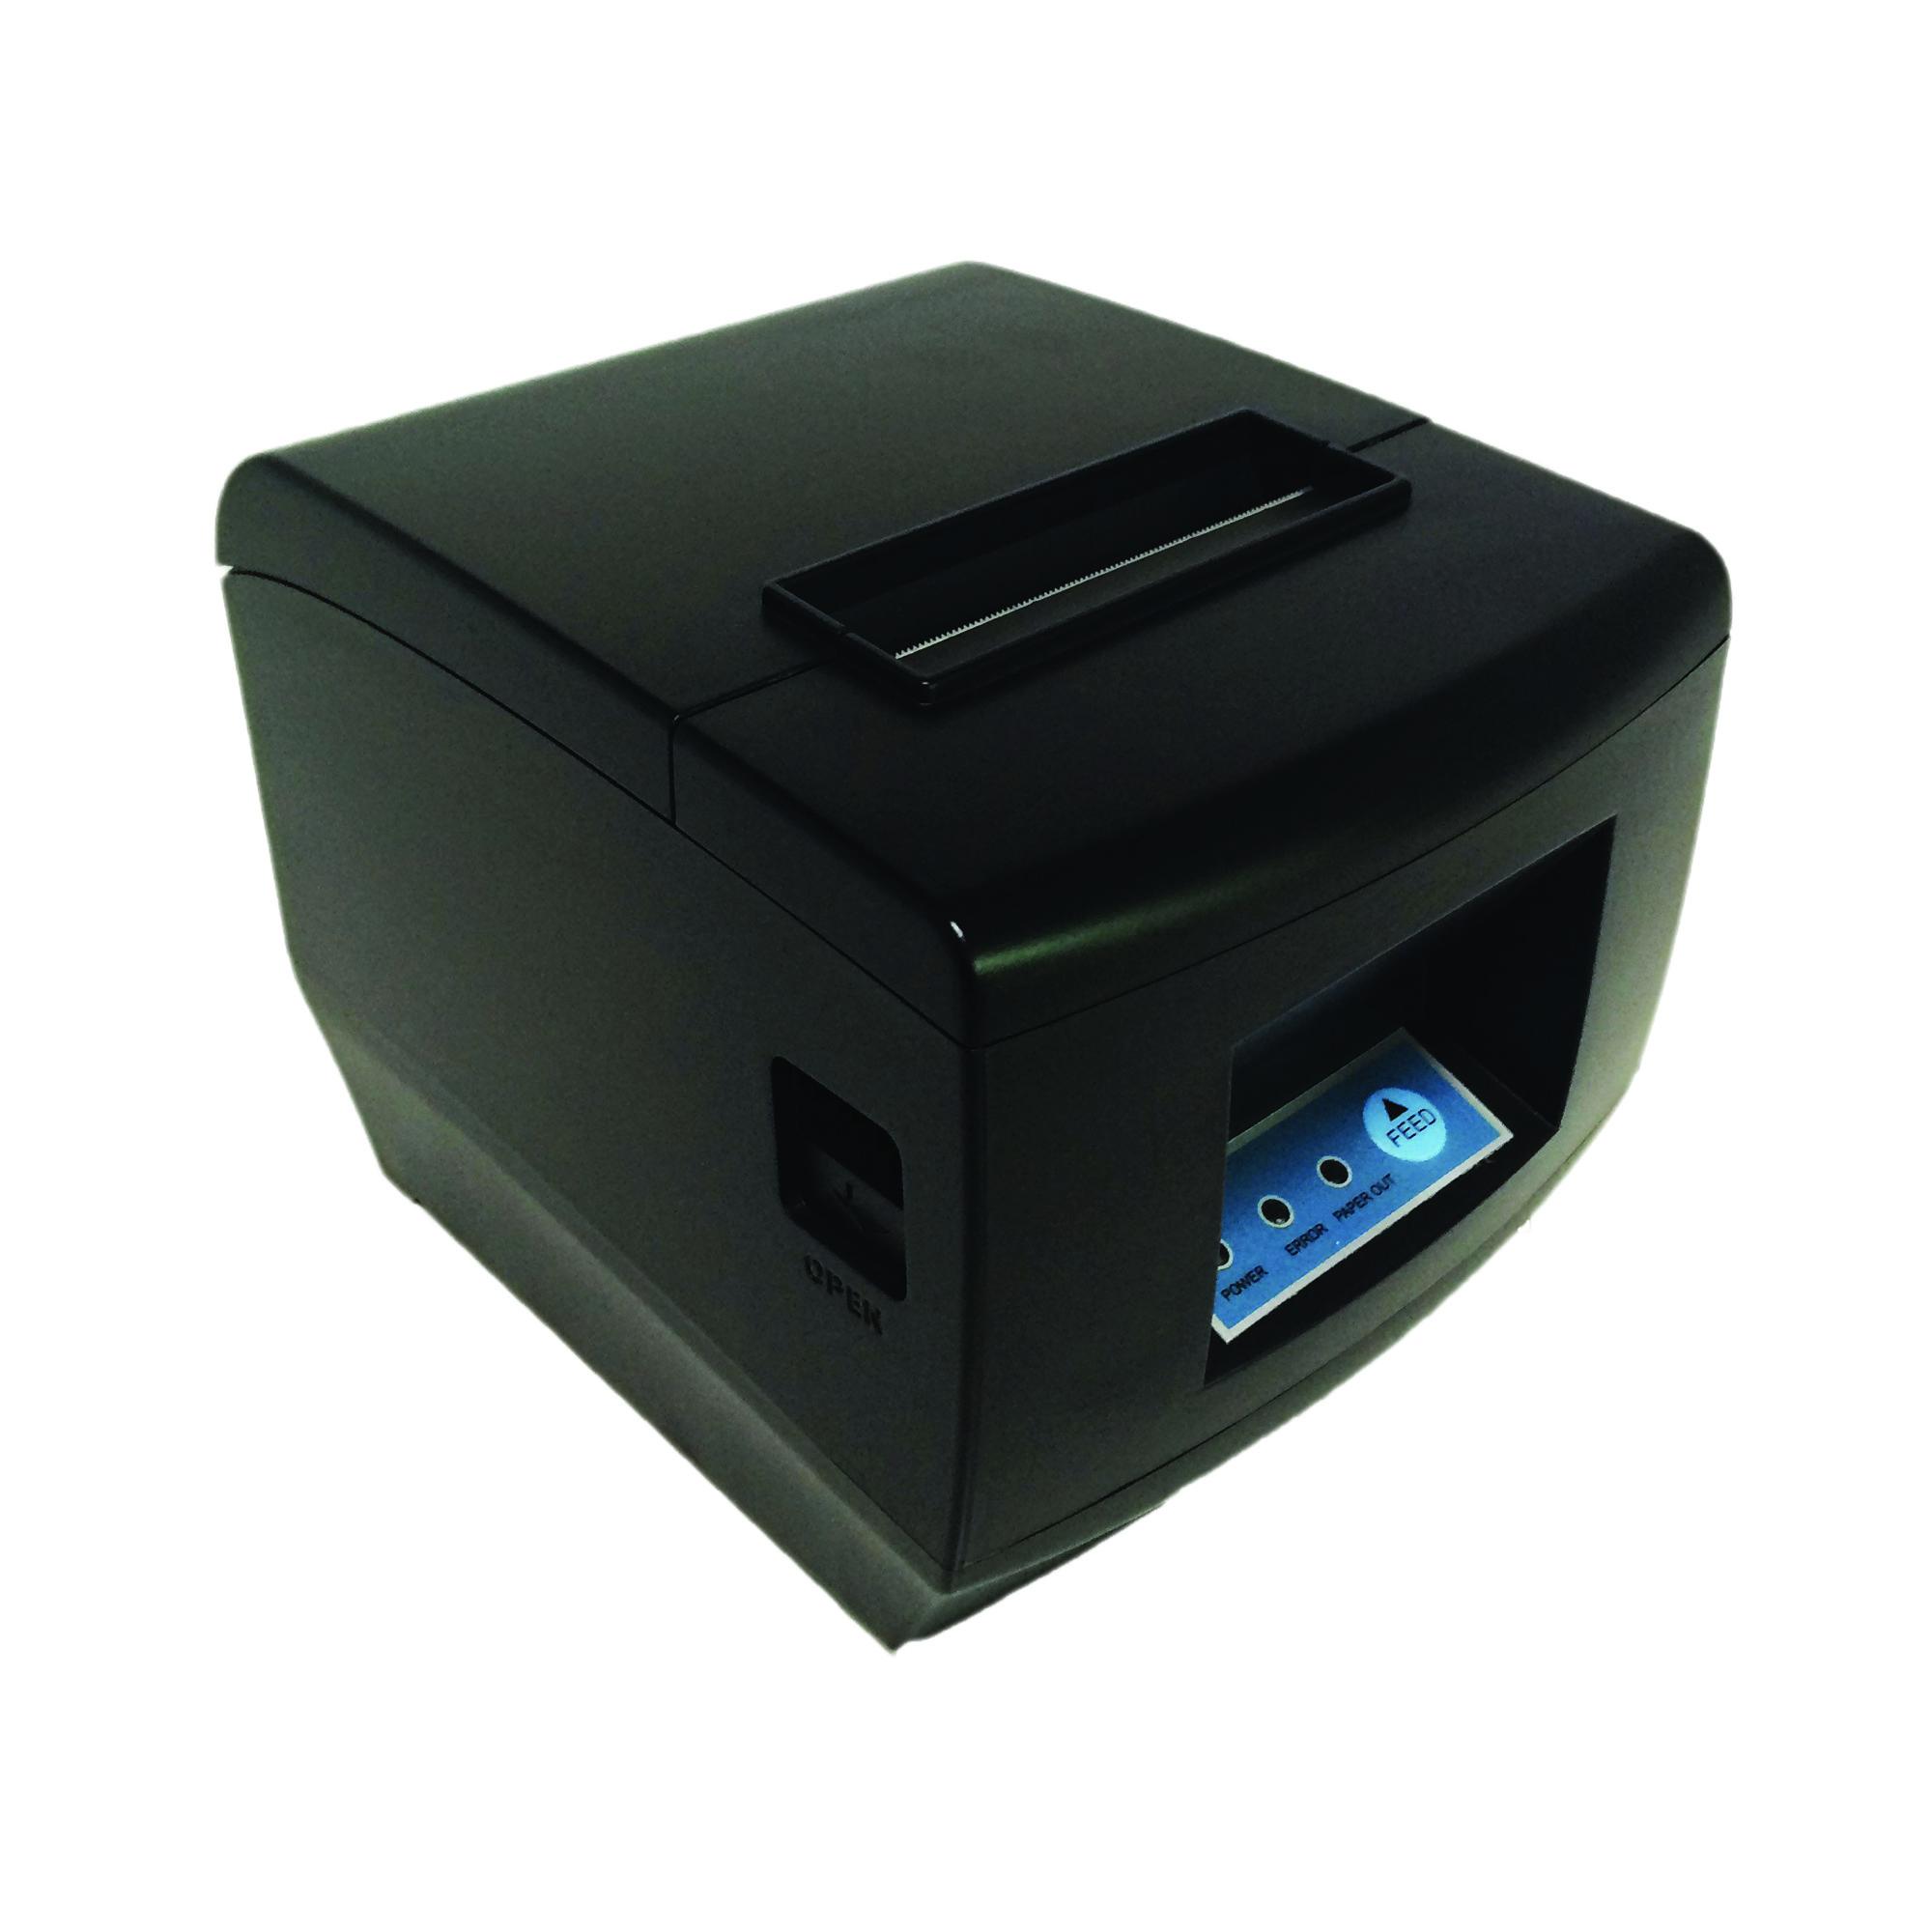 เครื่องพิมพ์ใบเสร็จหัวความร้อนขนาด 80 มม. ราคาย่อมเยาว์ (IN-80N)